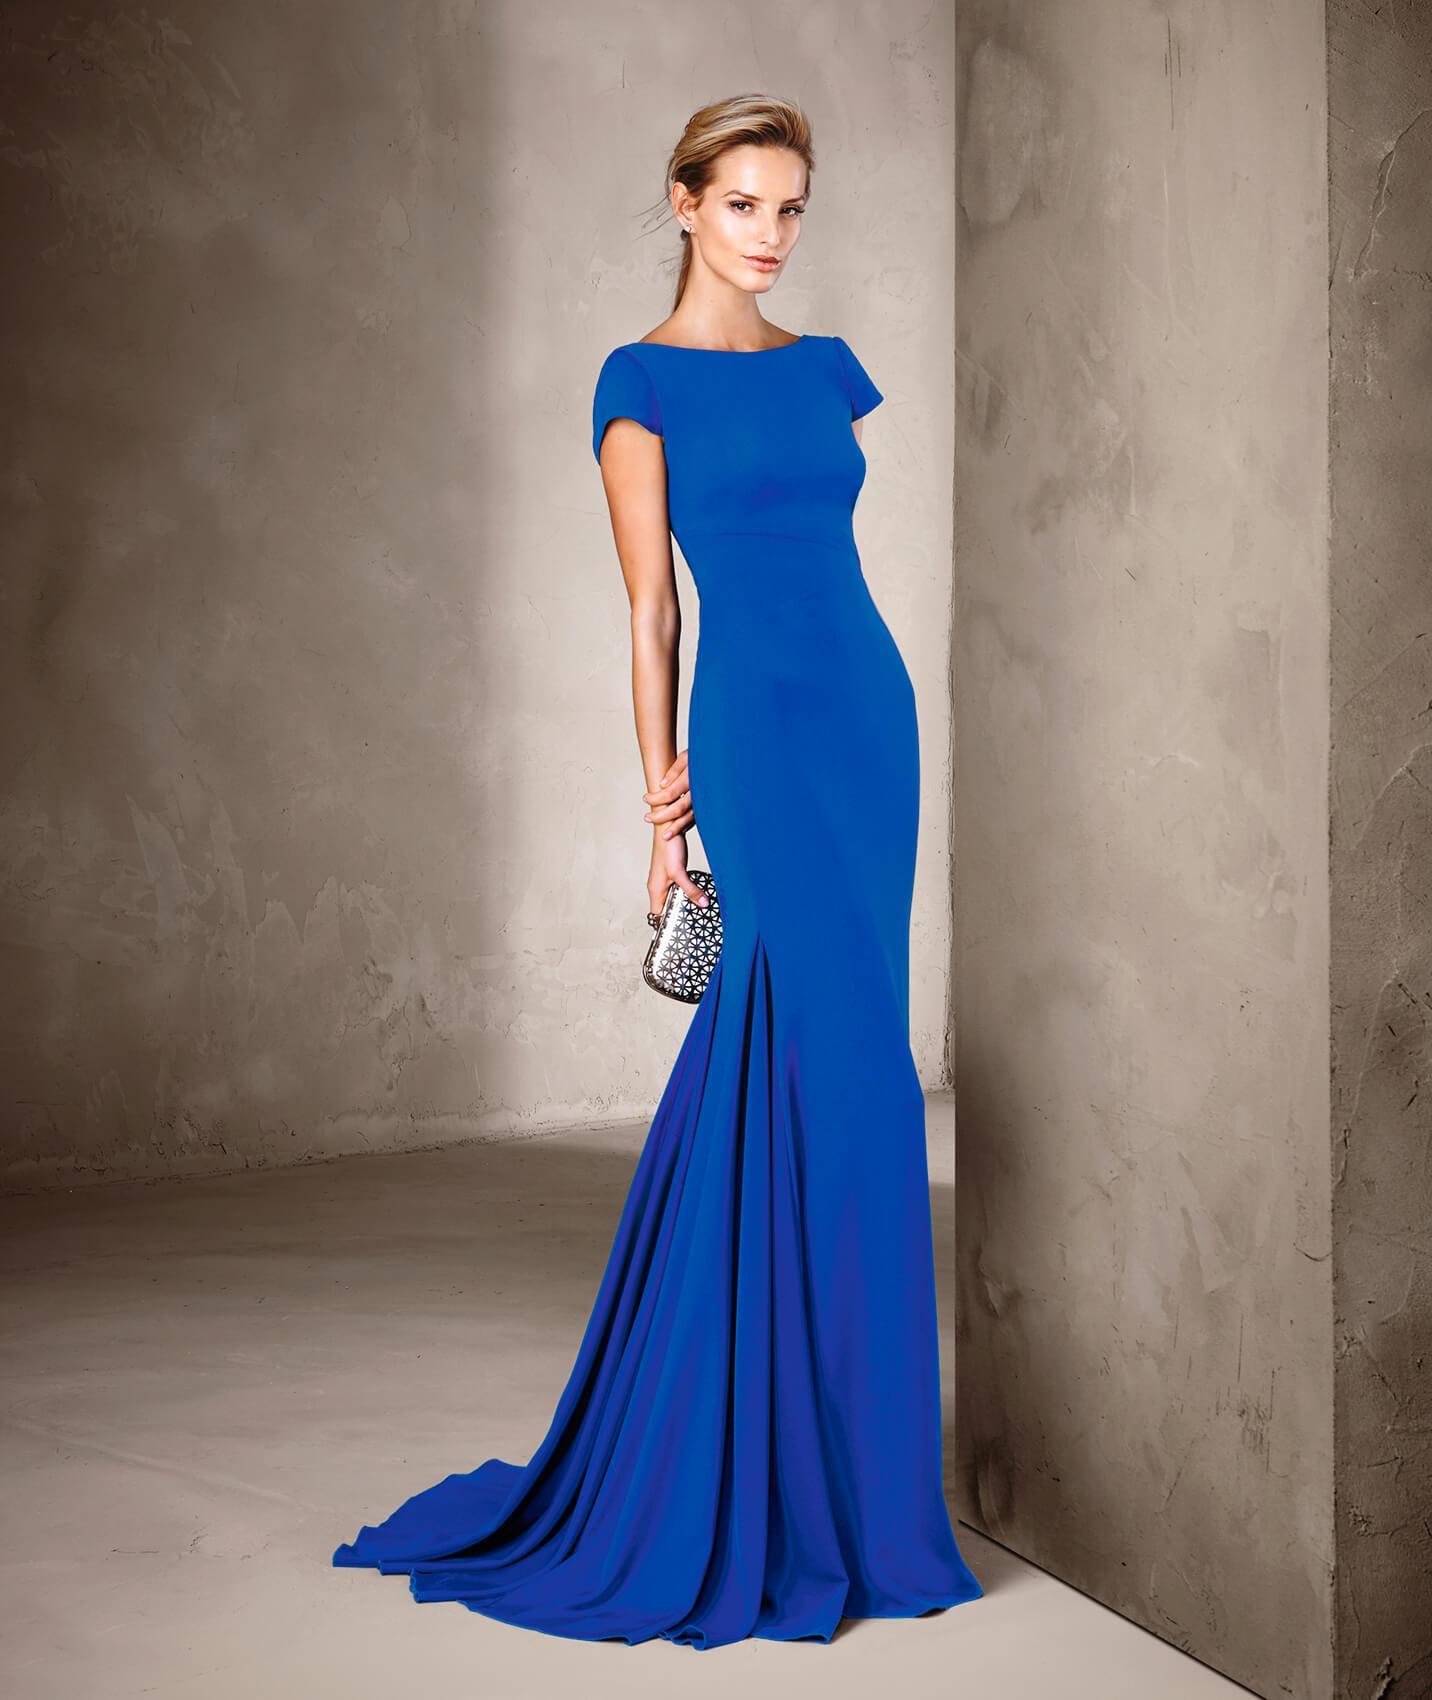 Verzauberkunst Moderne Kleider 2017 Das Beste Von Großhandel Neuer Entwurfs Einfacher Moderner Eleganter Meerjungfrau